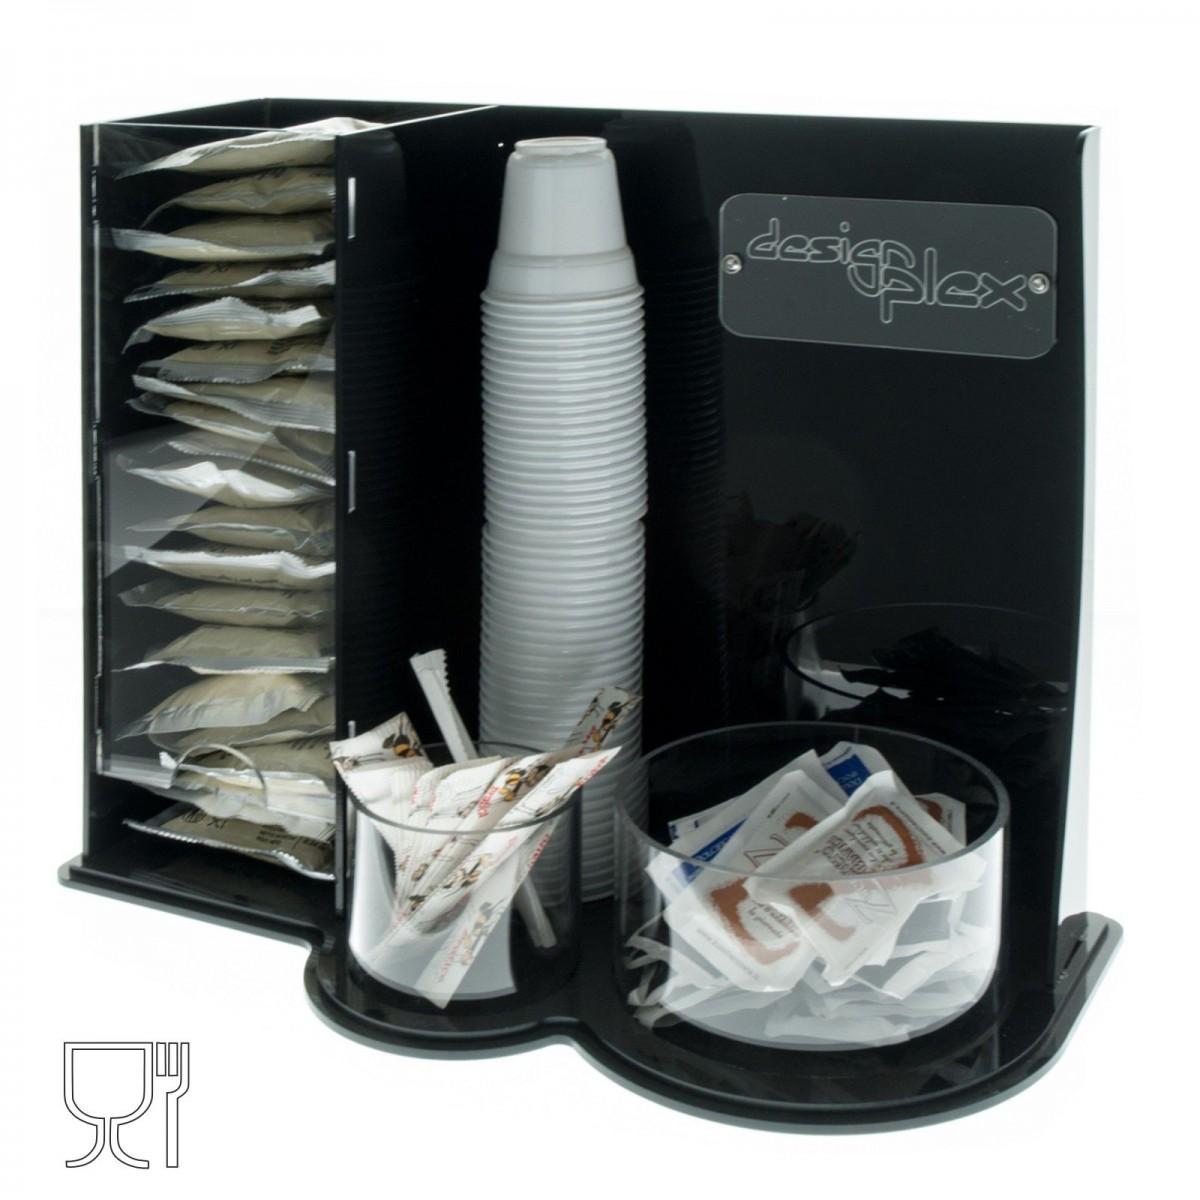 Kaffeekapseln- und Tüten-Halter aus Plexiglass, schwarz und transparent